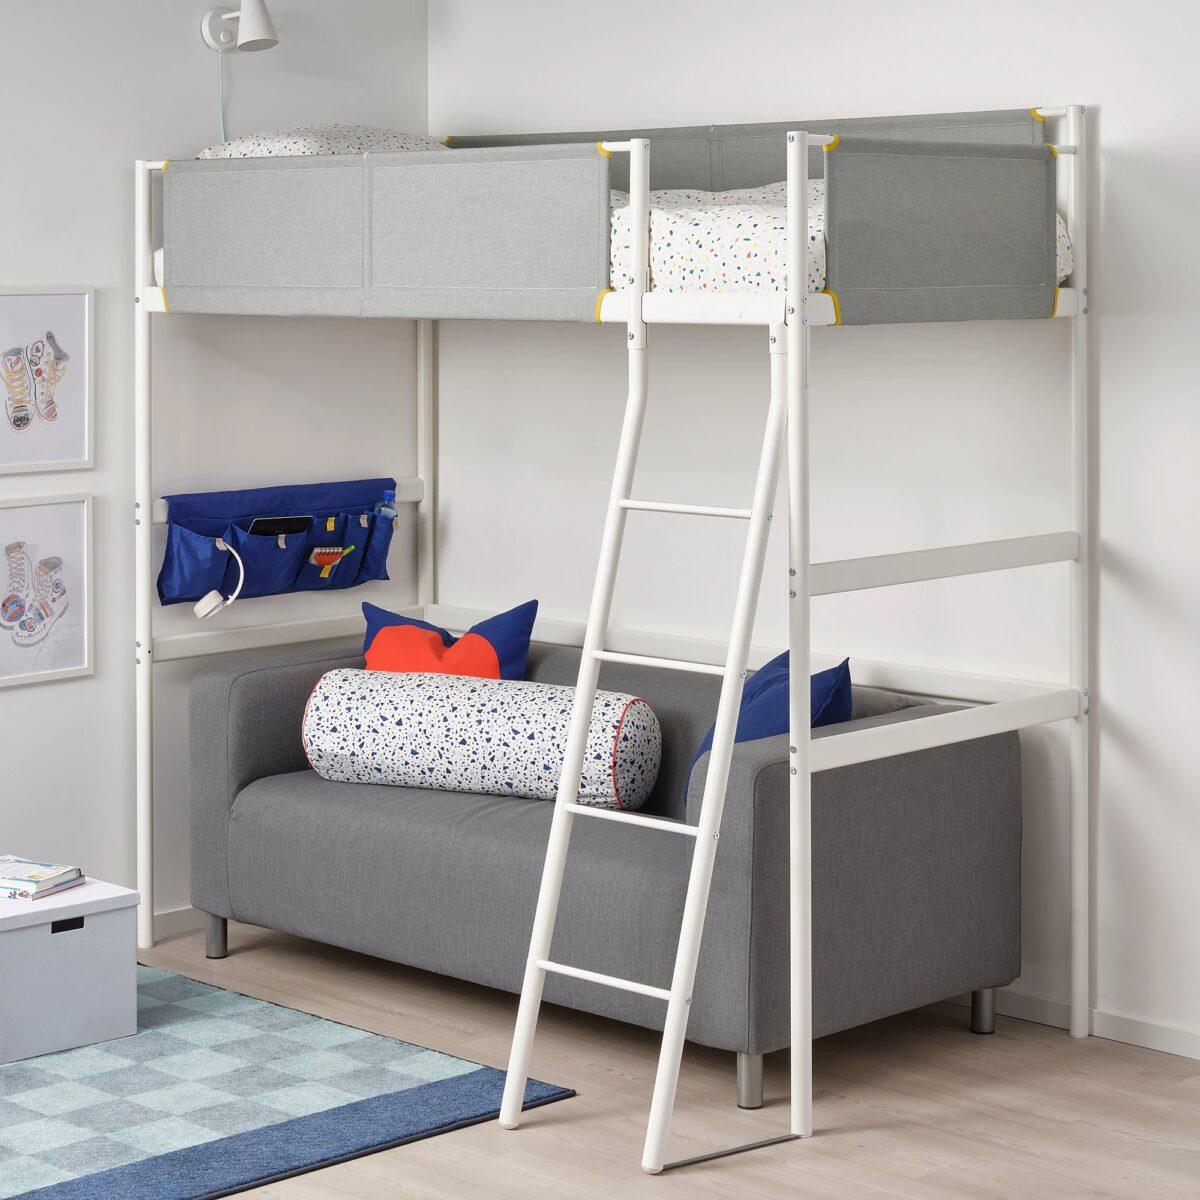 vitval-struttura-per-letto-